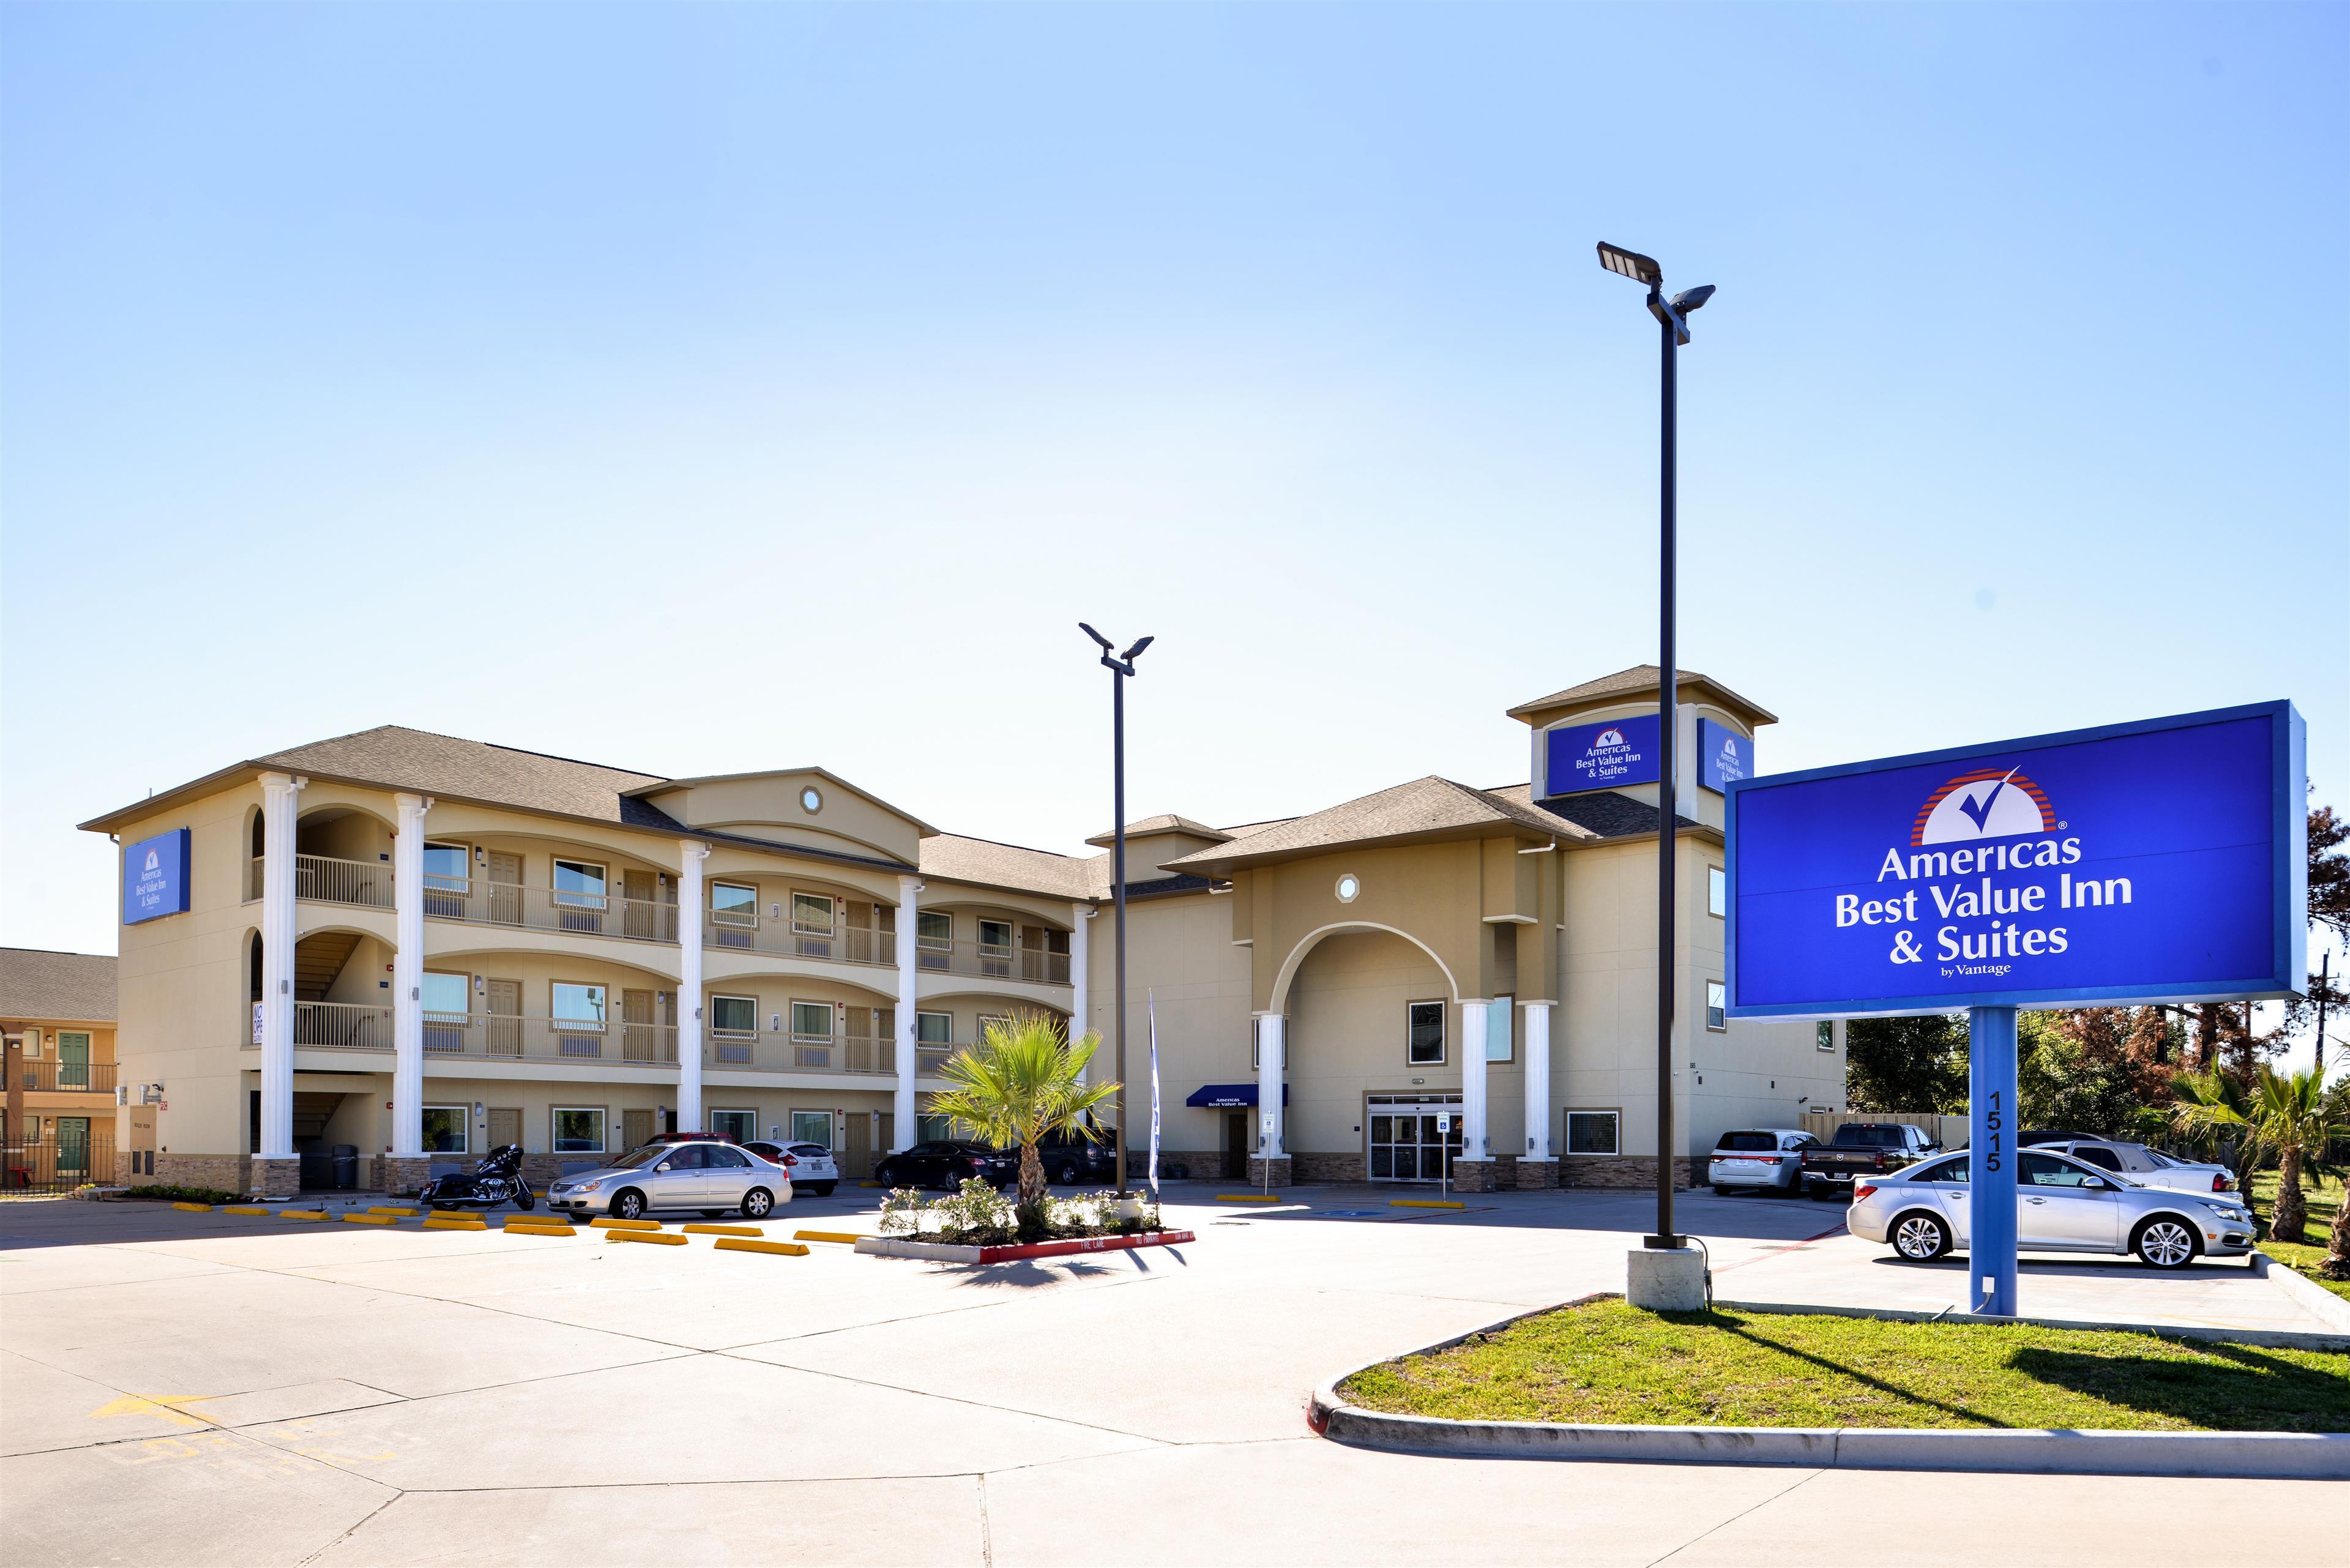 Americas Best Value Inn  U0026 Suites   N  Houston